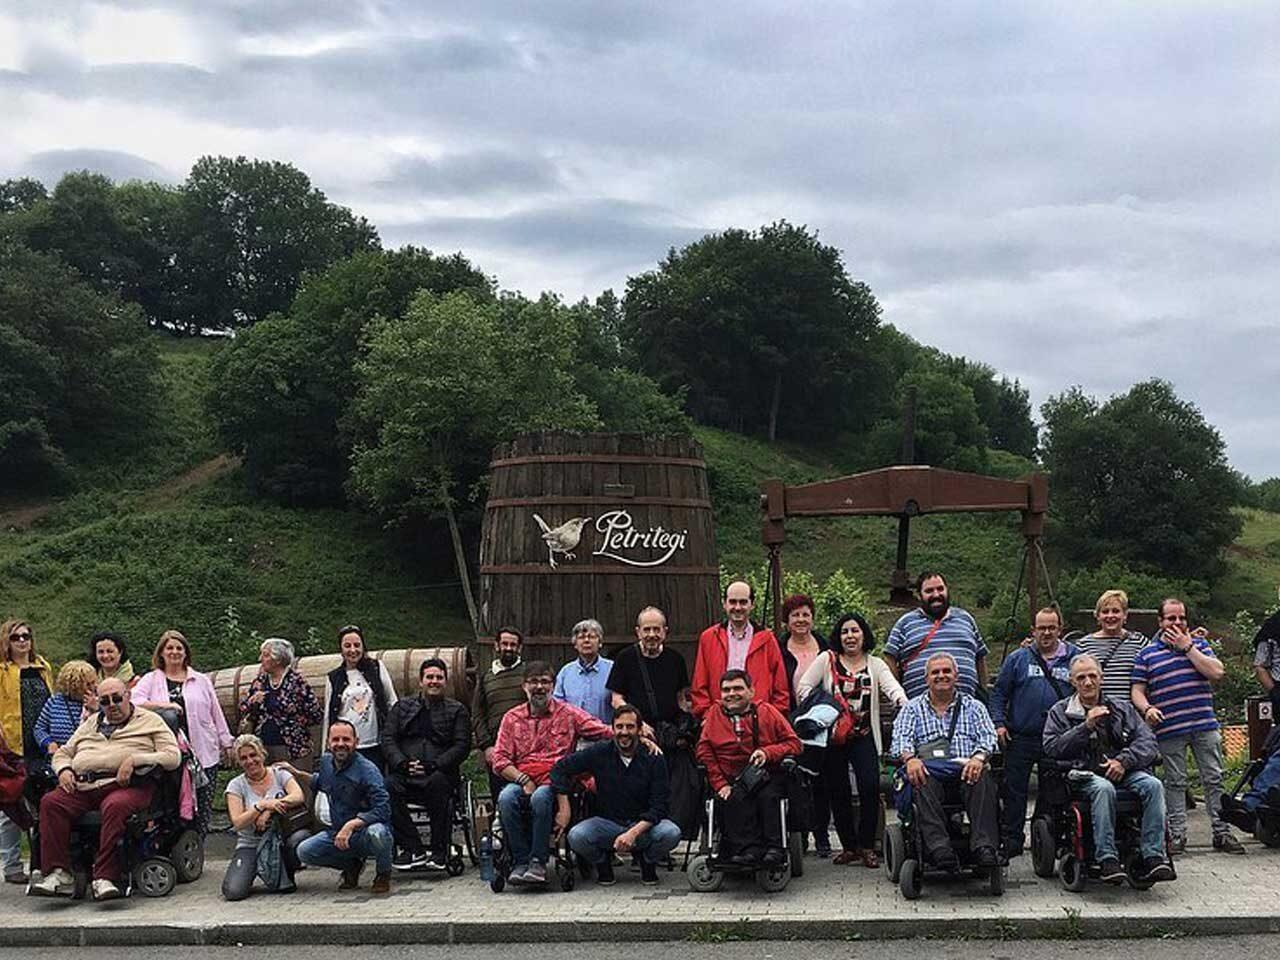 Grupo de personas en la sidrería Petritegi, algunas de ellas usuarias de silla de ruedas.